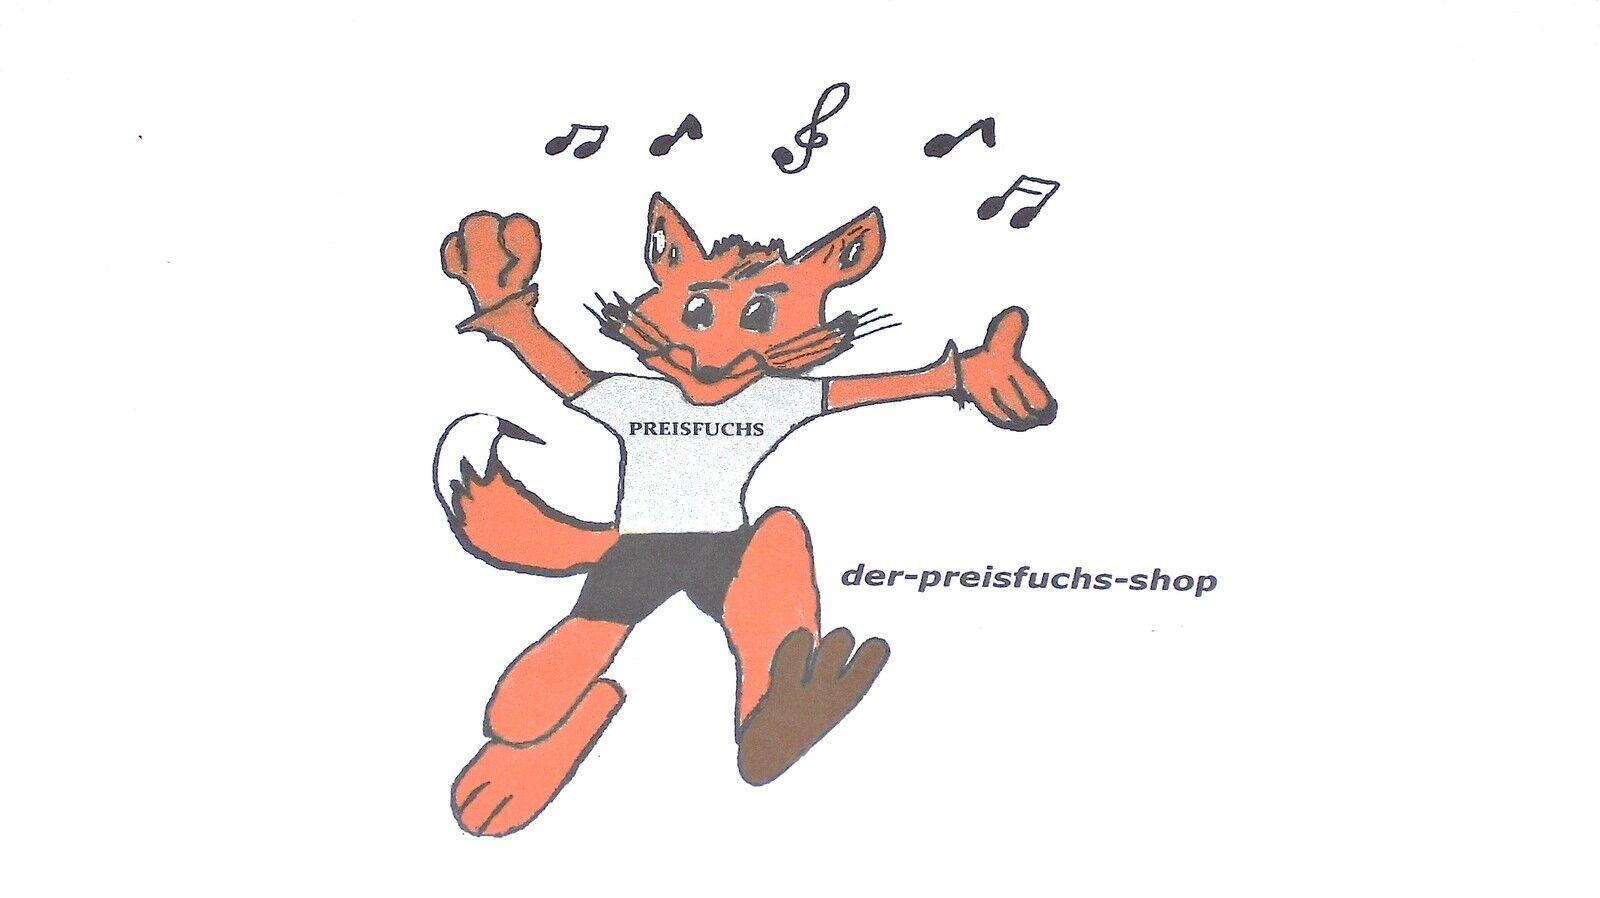 der-preisfuchs-shop